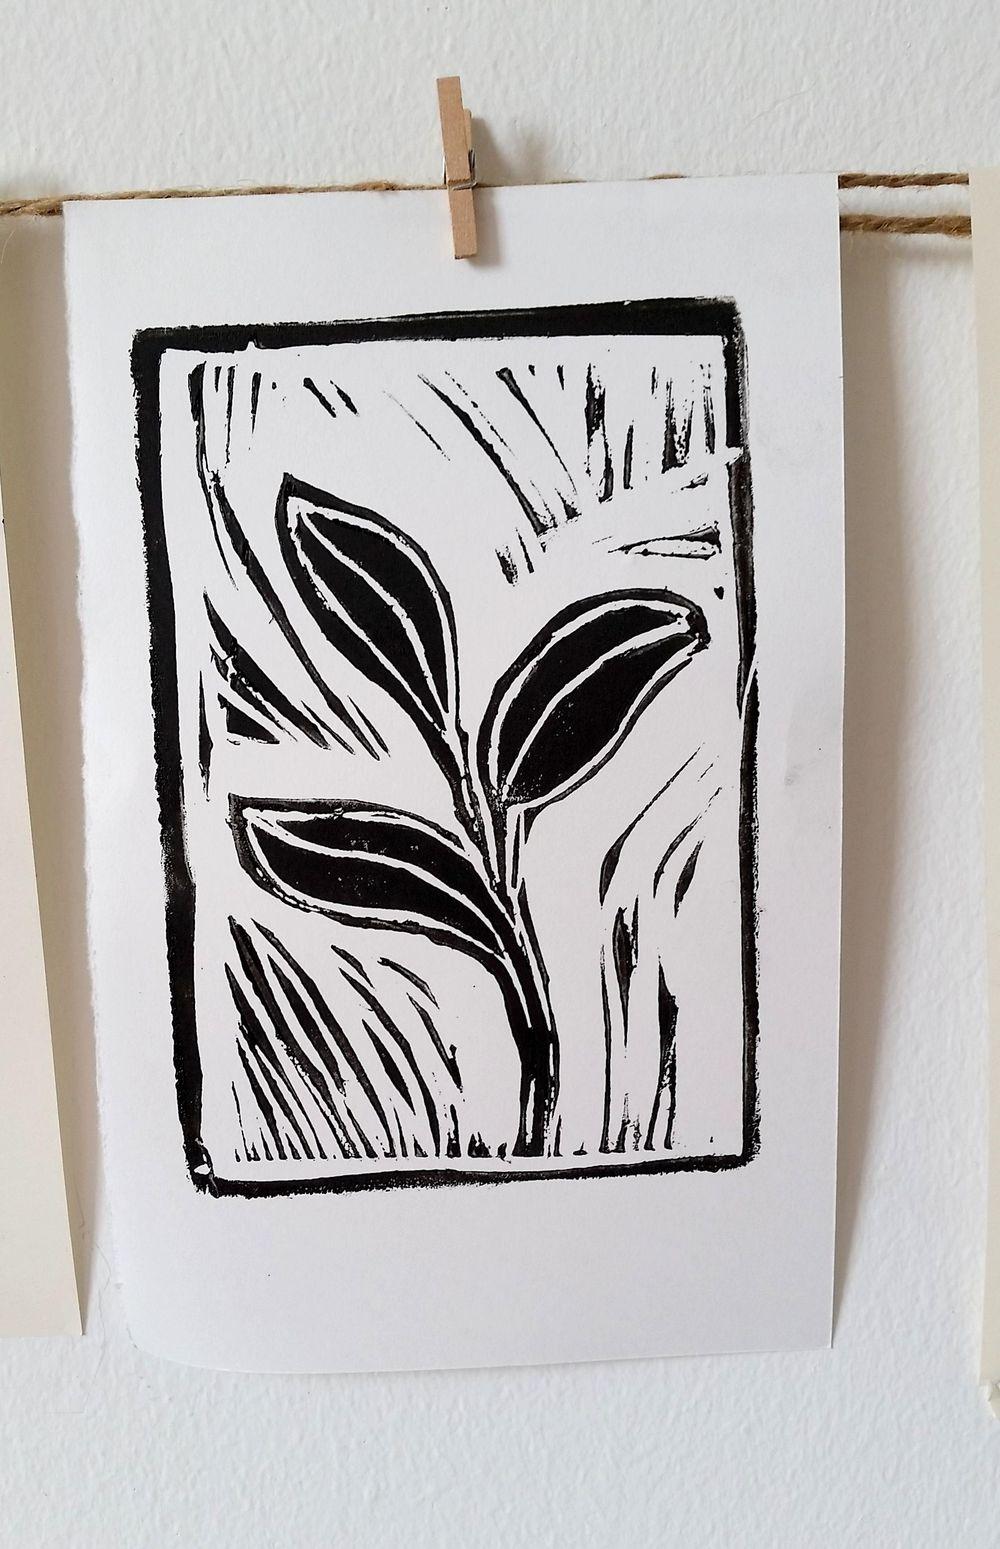 Linoleum Prints - image 4 - student project